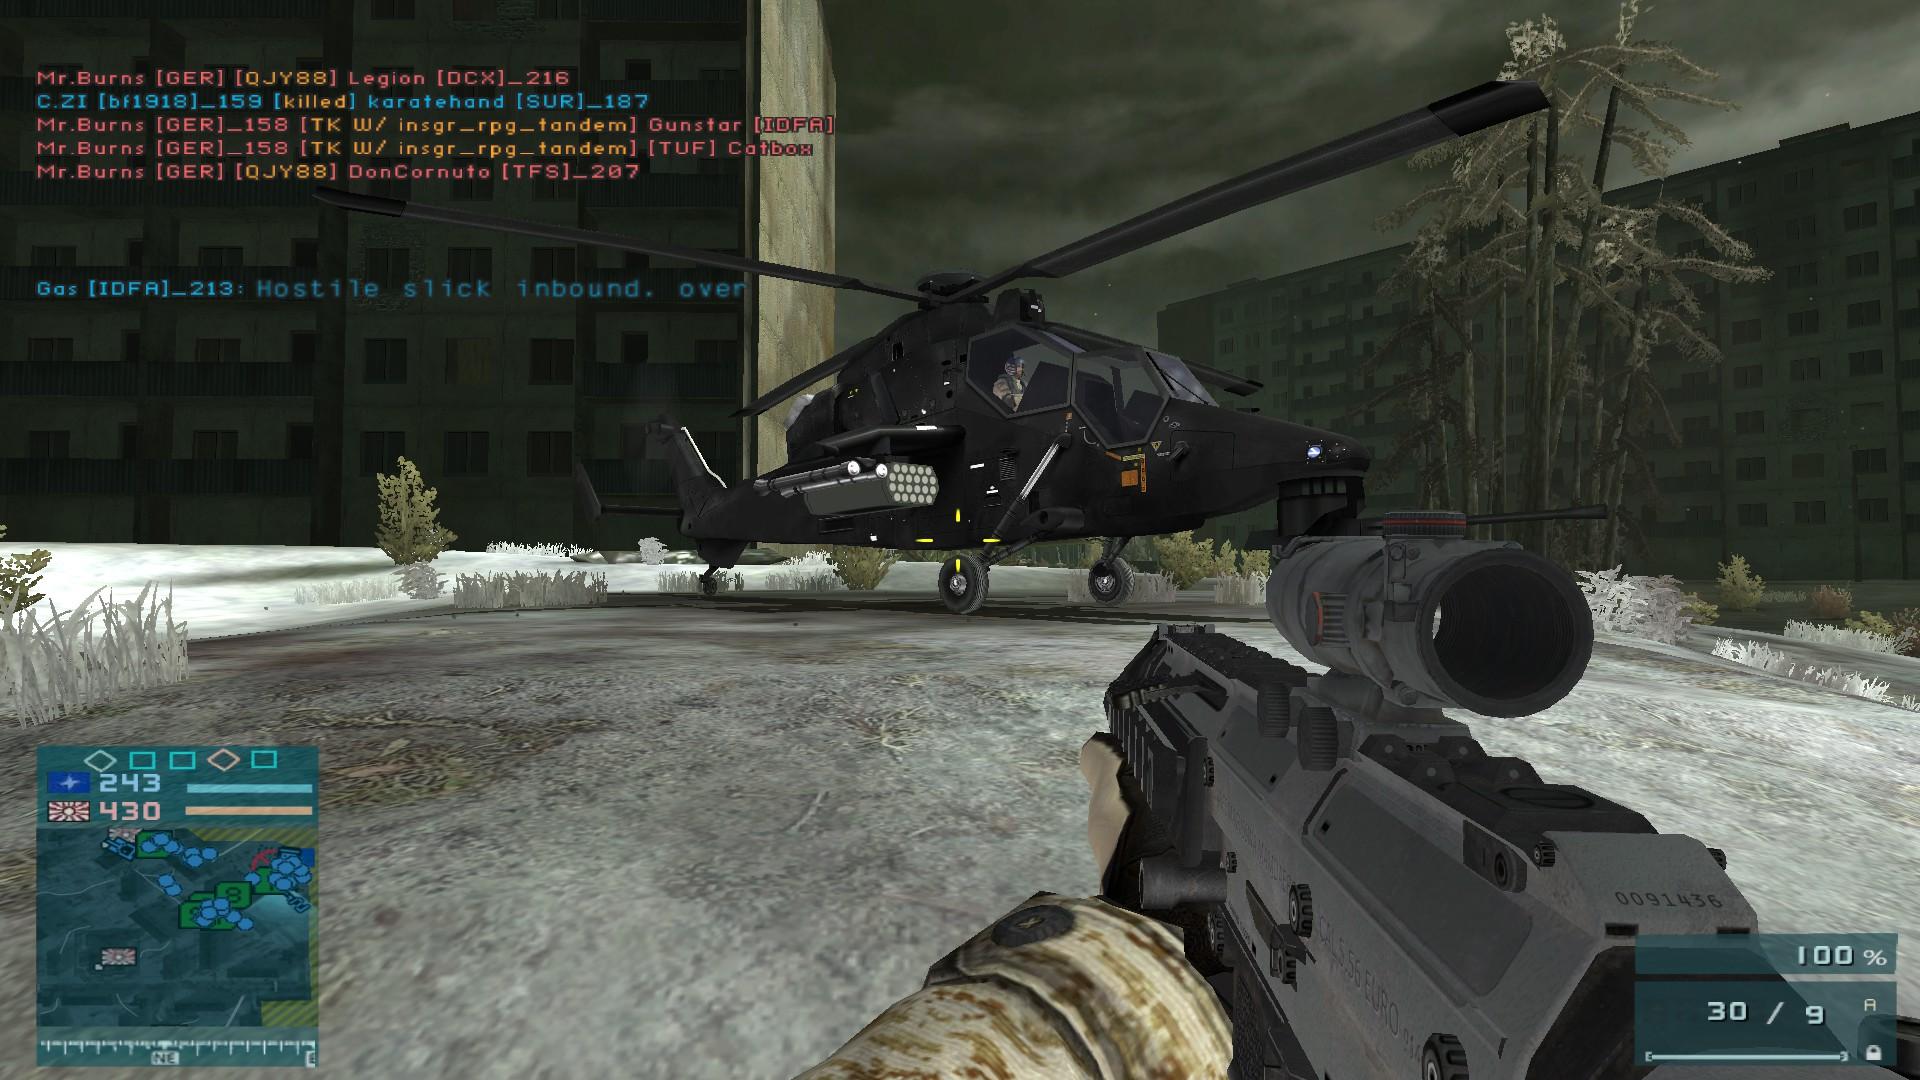 image from Beste Battlefield 2 Mods